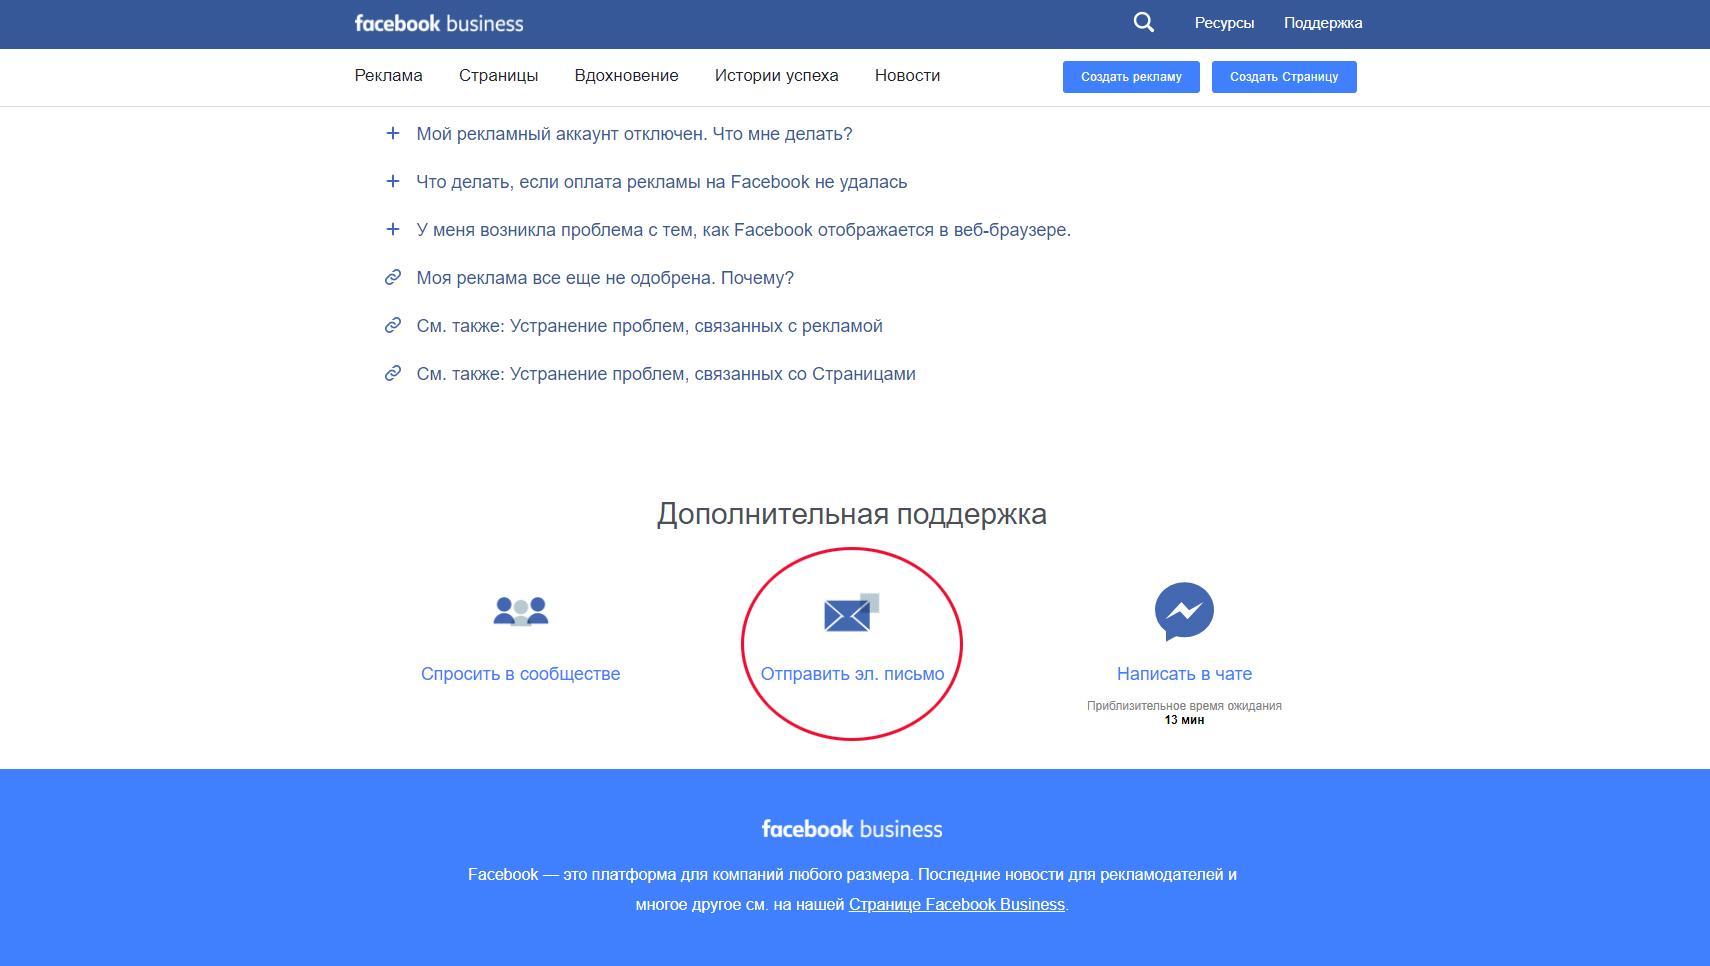 Как связаться с саппортом Facebook